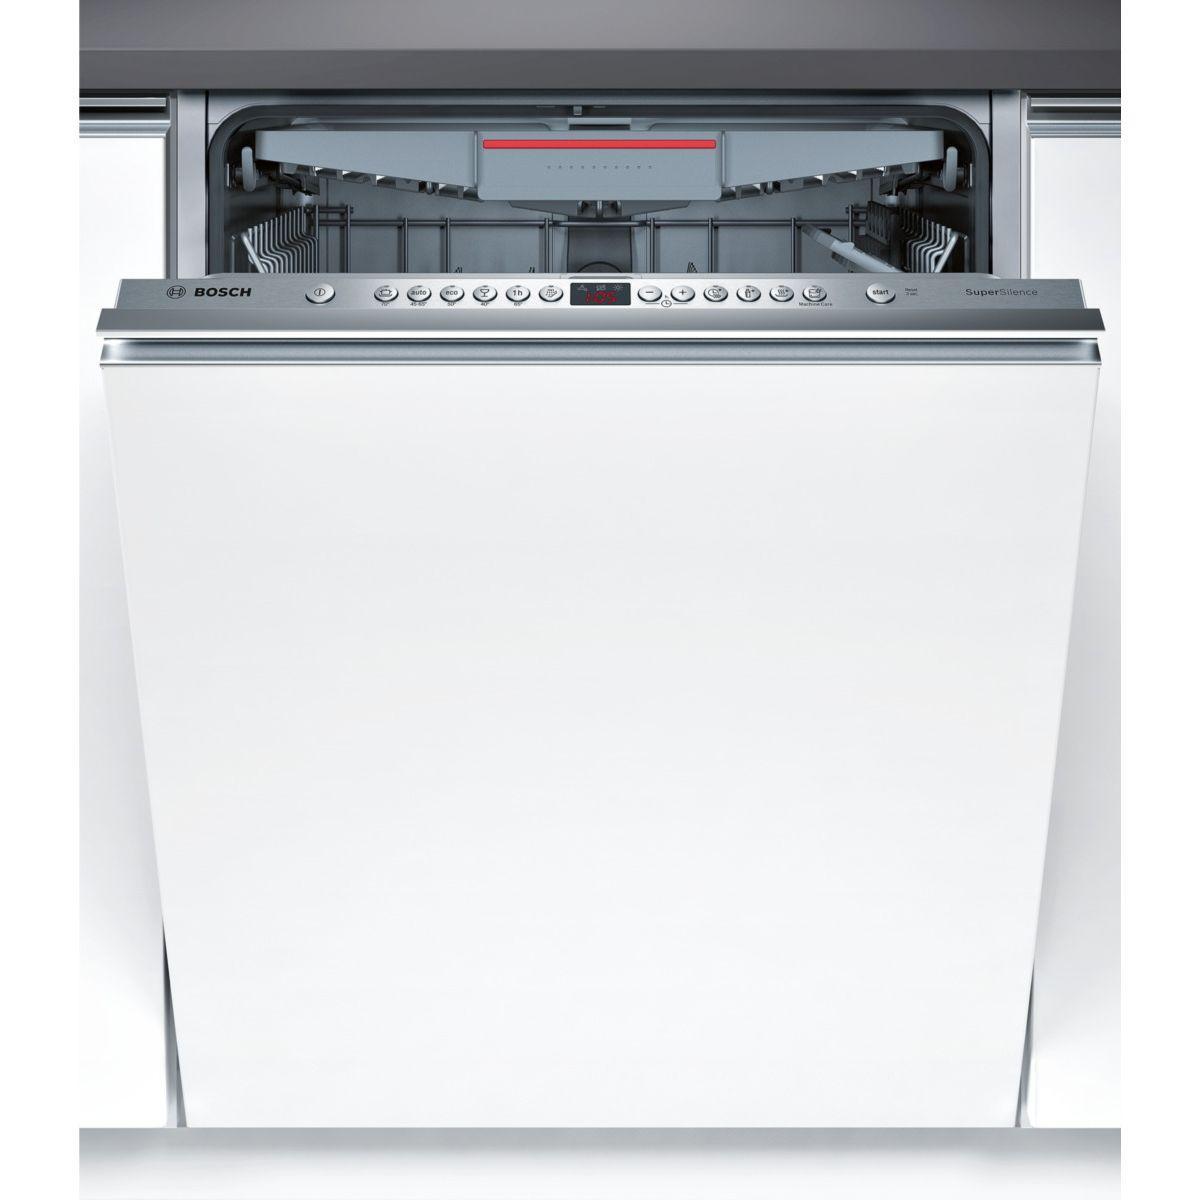 Lave vaisselle tout int�grable bosch smv46mx03e - 2% de remise imm�diate avec le code : gam2